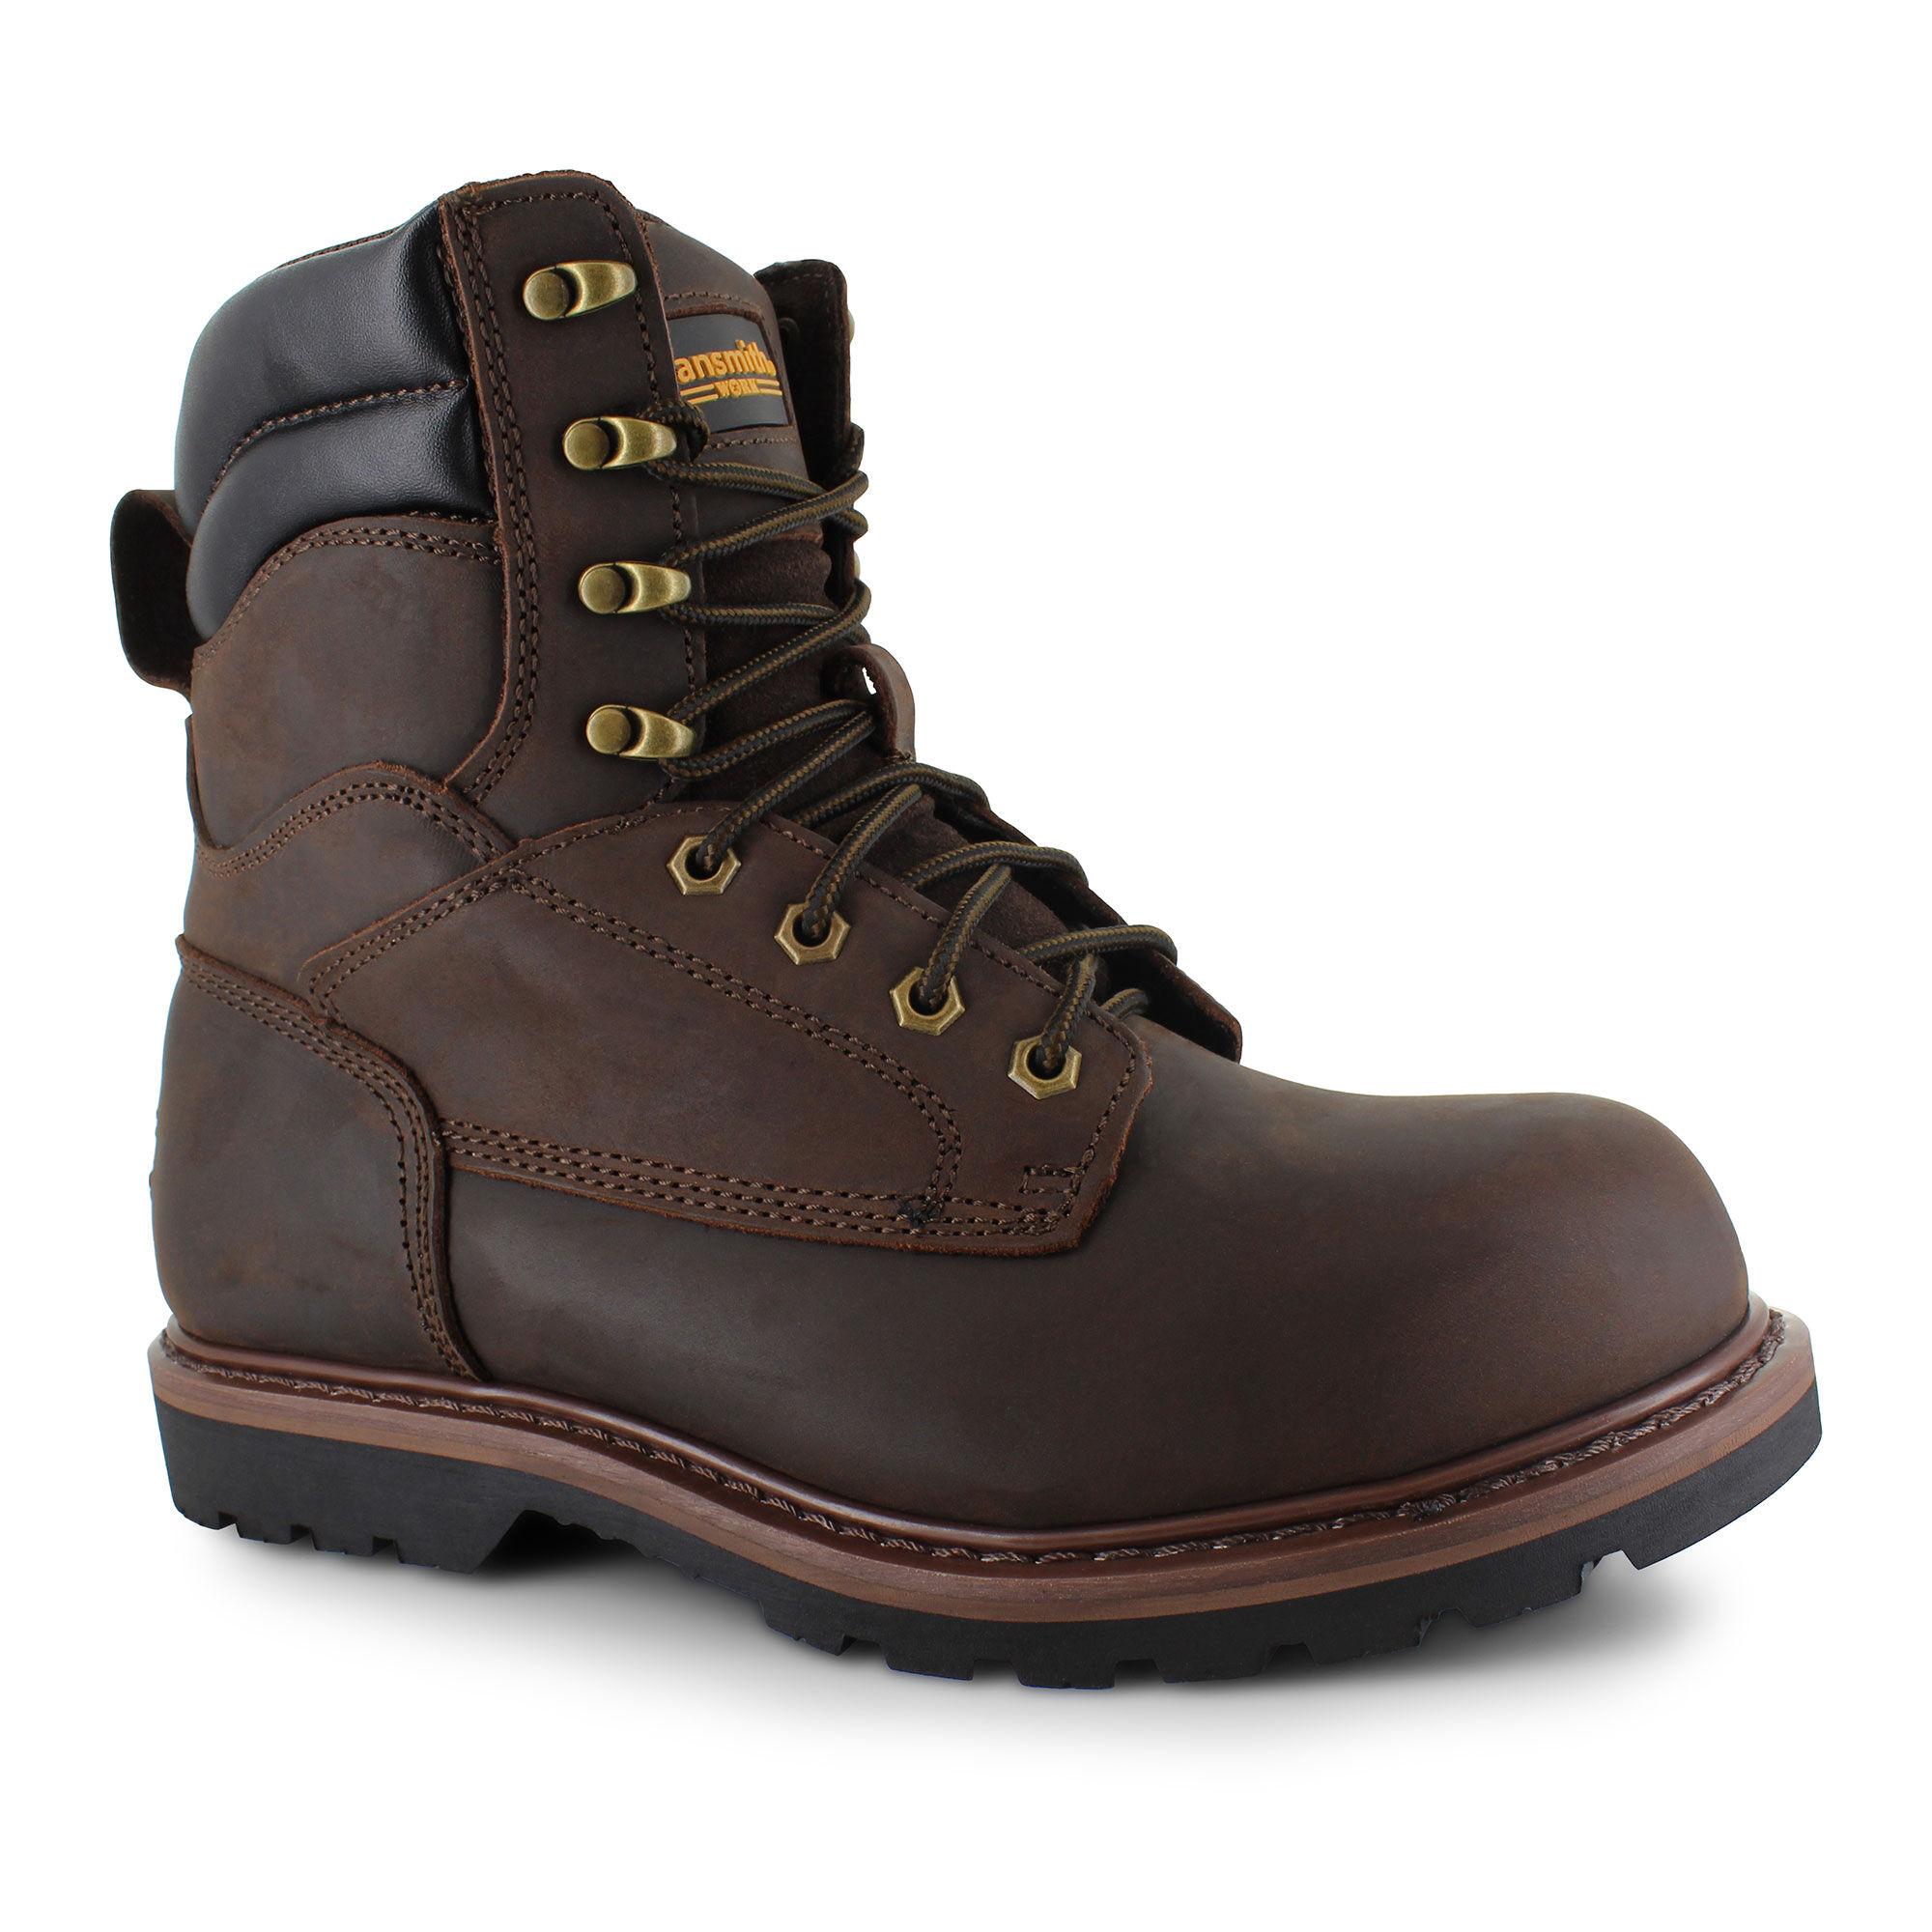 Men's Slip-Resistant Shoes | Shop Now